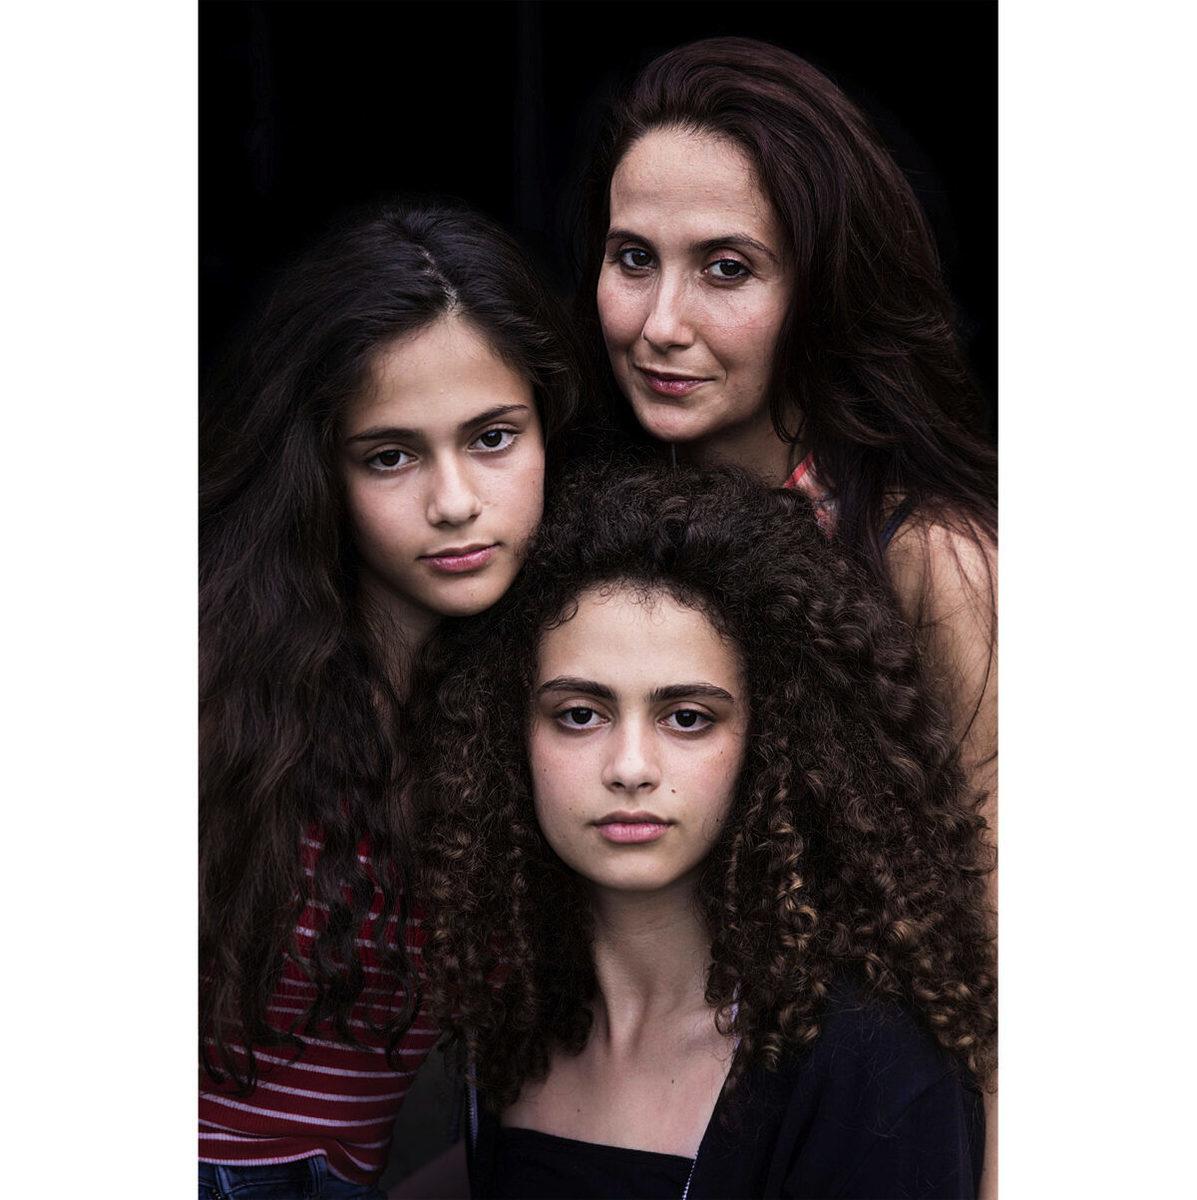 羅馬尼亞布加勒斯特的母女三人。(米哈艾拉提供)